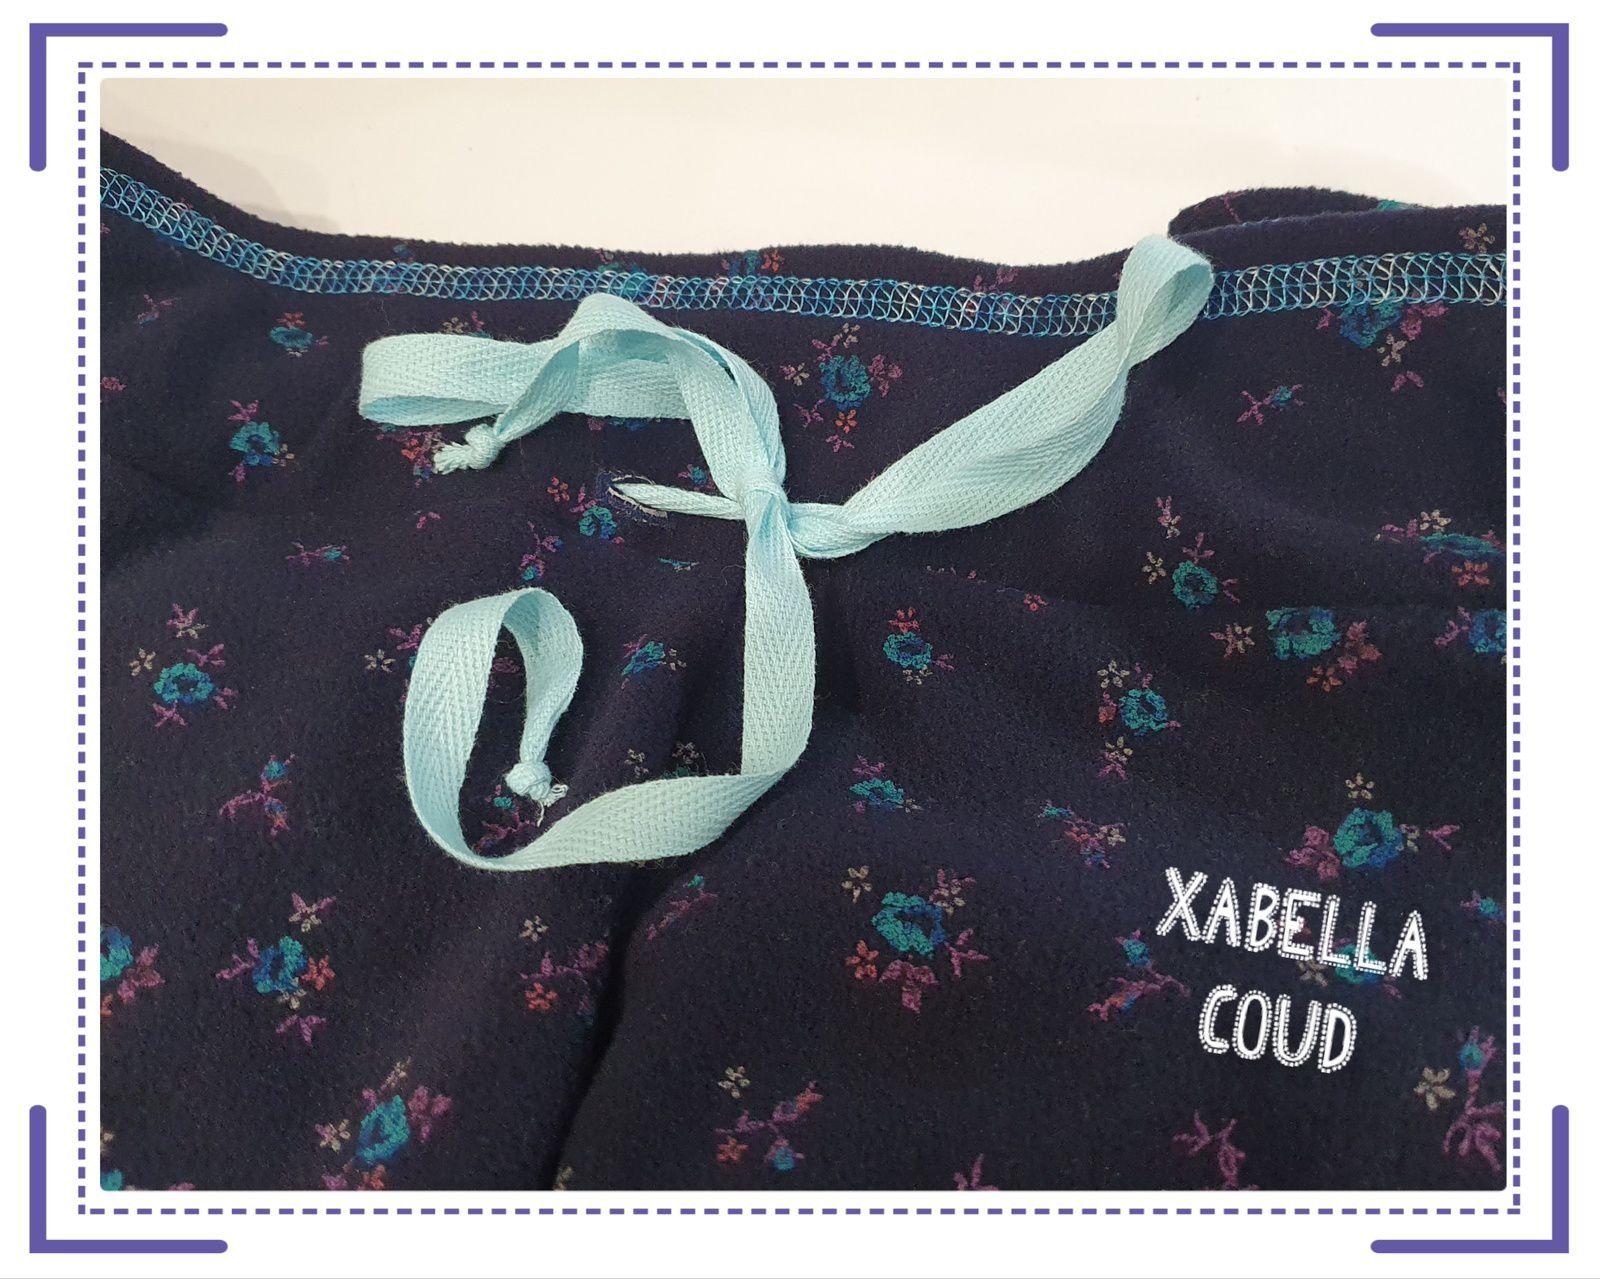 Un cordon attaché relié à l'élastique pour mieux ajuster la taille du pantalon,  un joli point de recouvrement pour bien finir les poches...